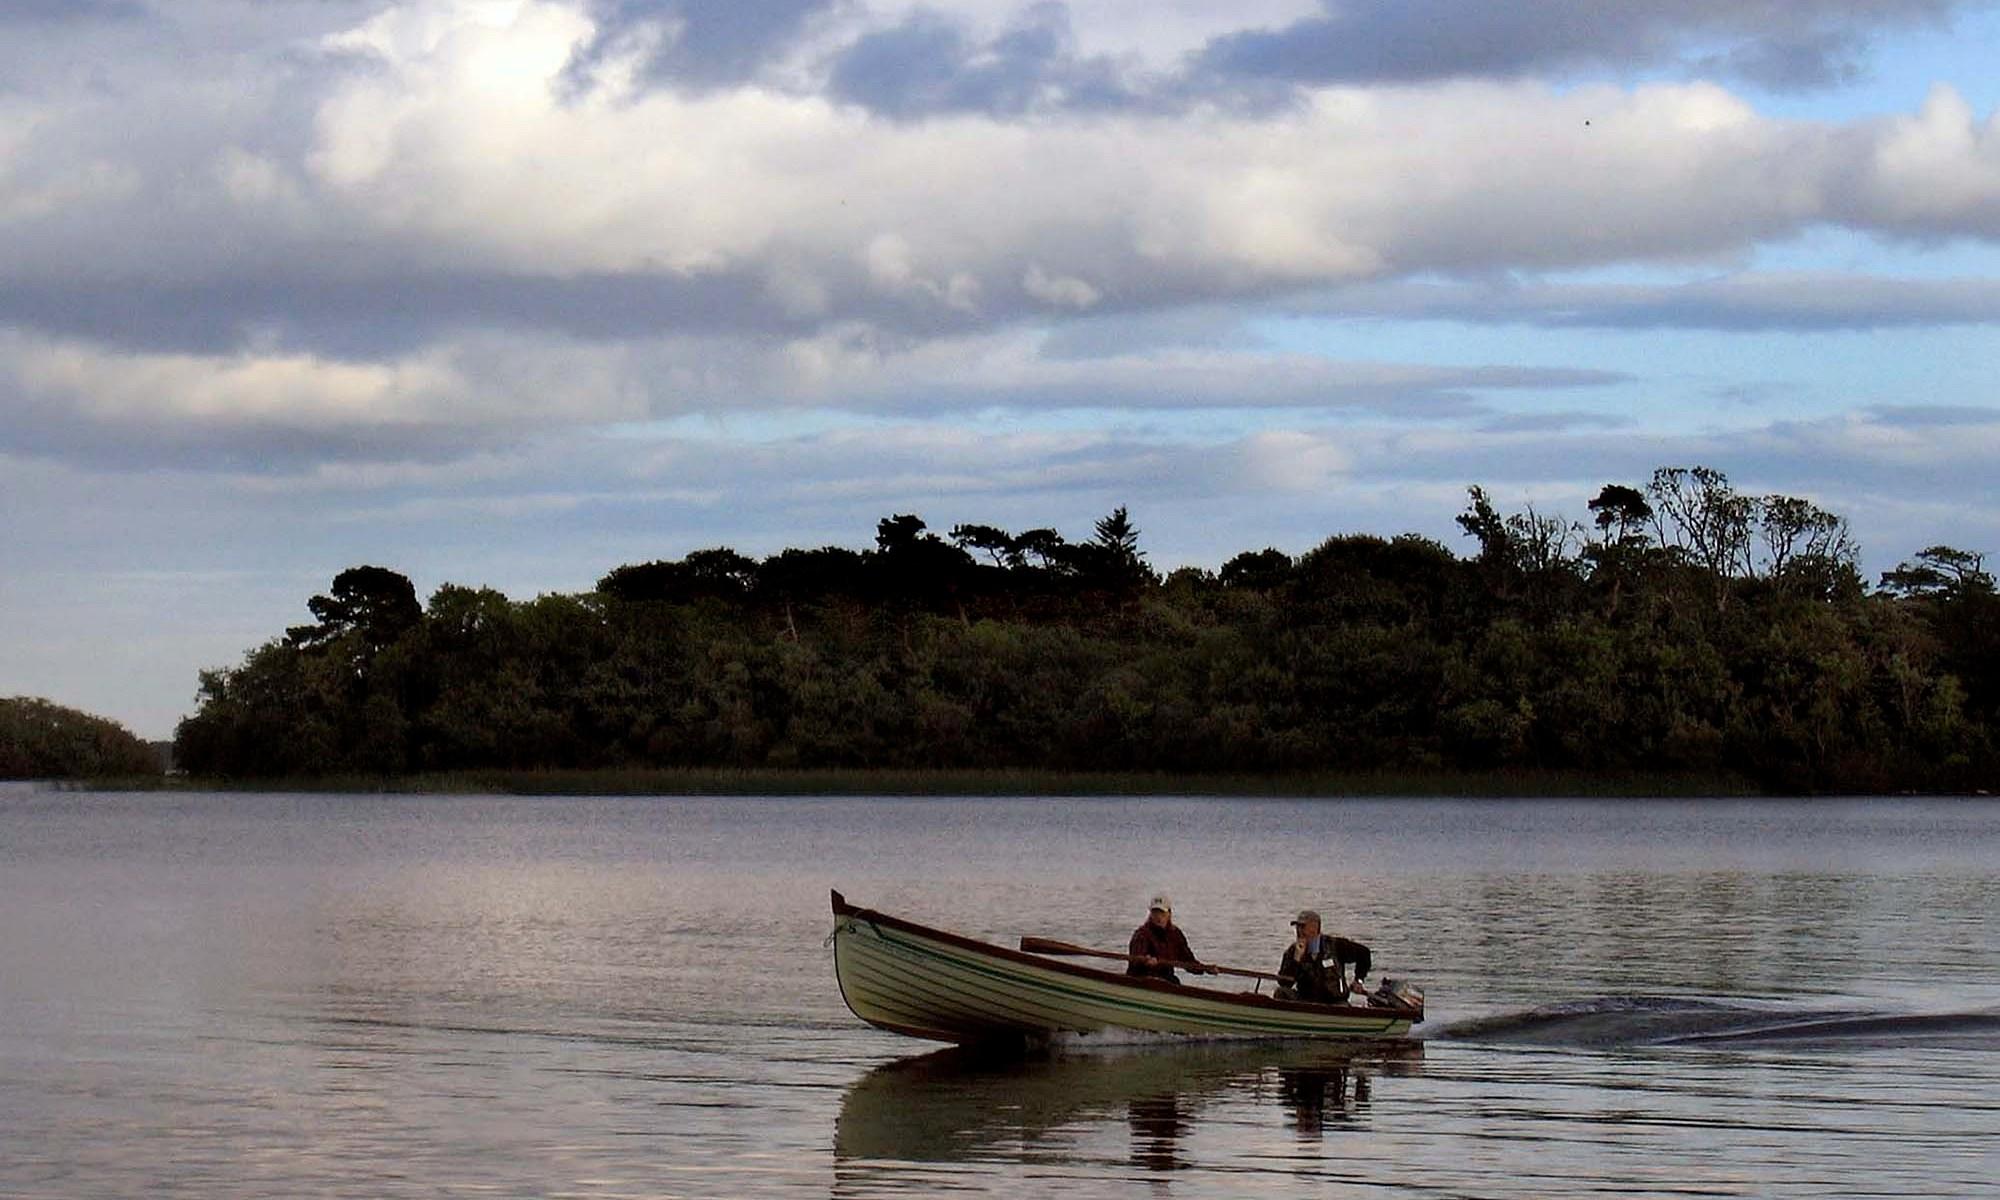 Fishing boat on Lough Corrib, Ireland